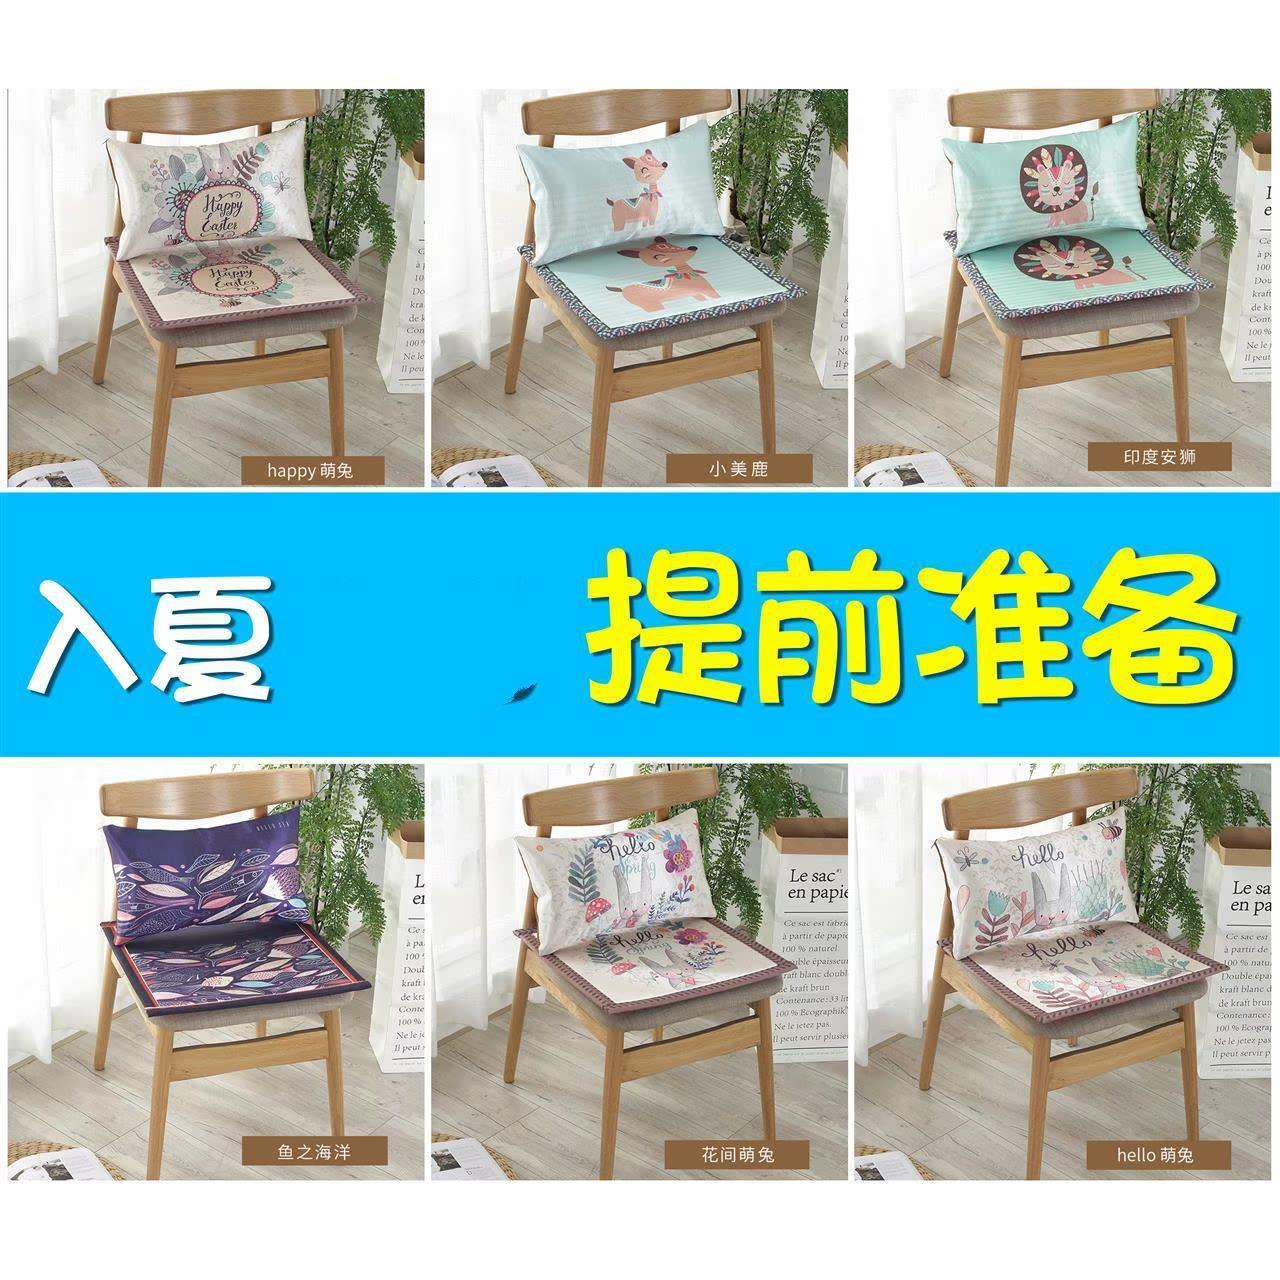 办公电脑椅垫子冰丝坐垫可爱卡通防滑透气学生竹凉席餐垫夏季座垫